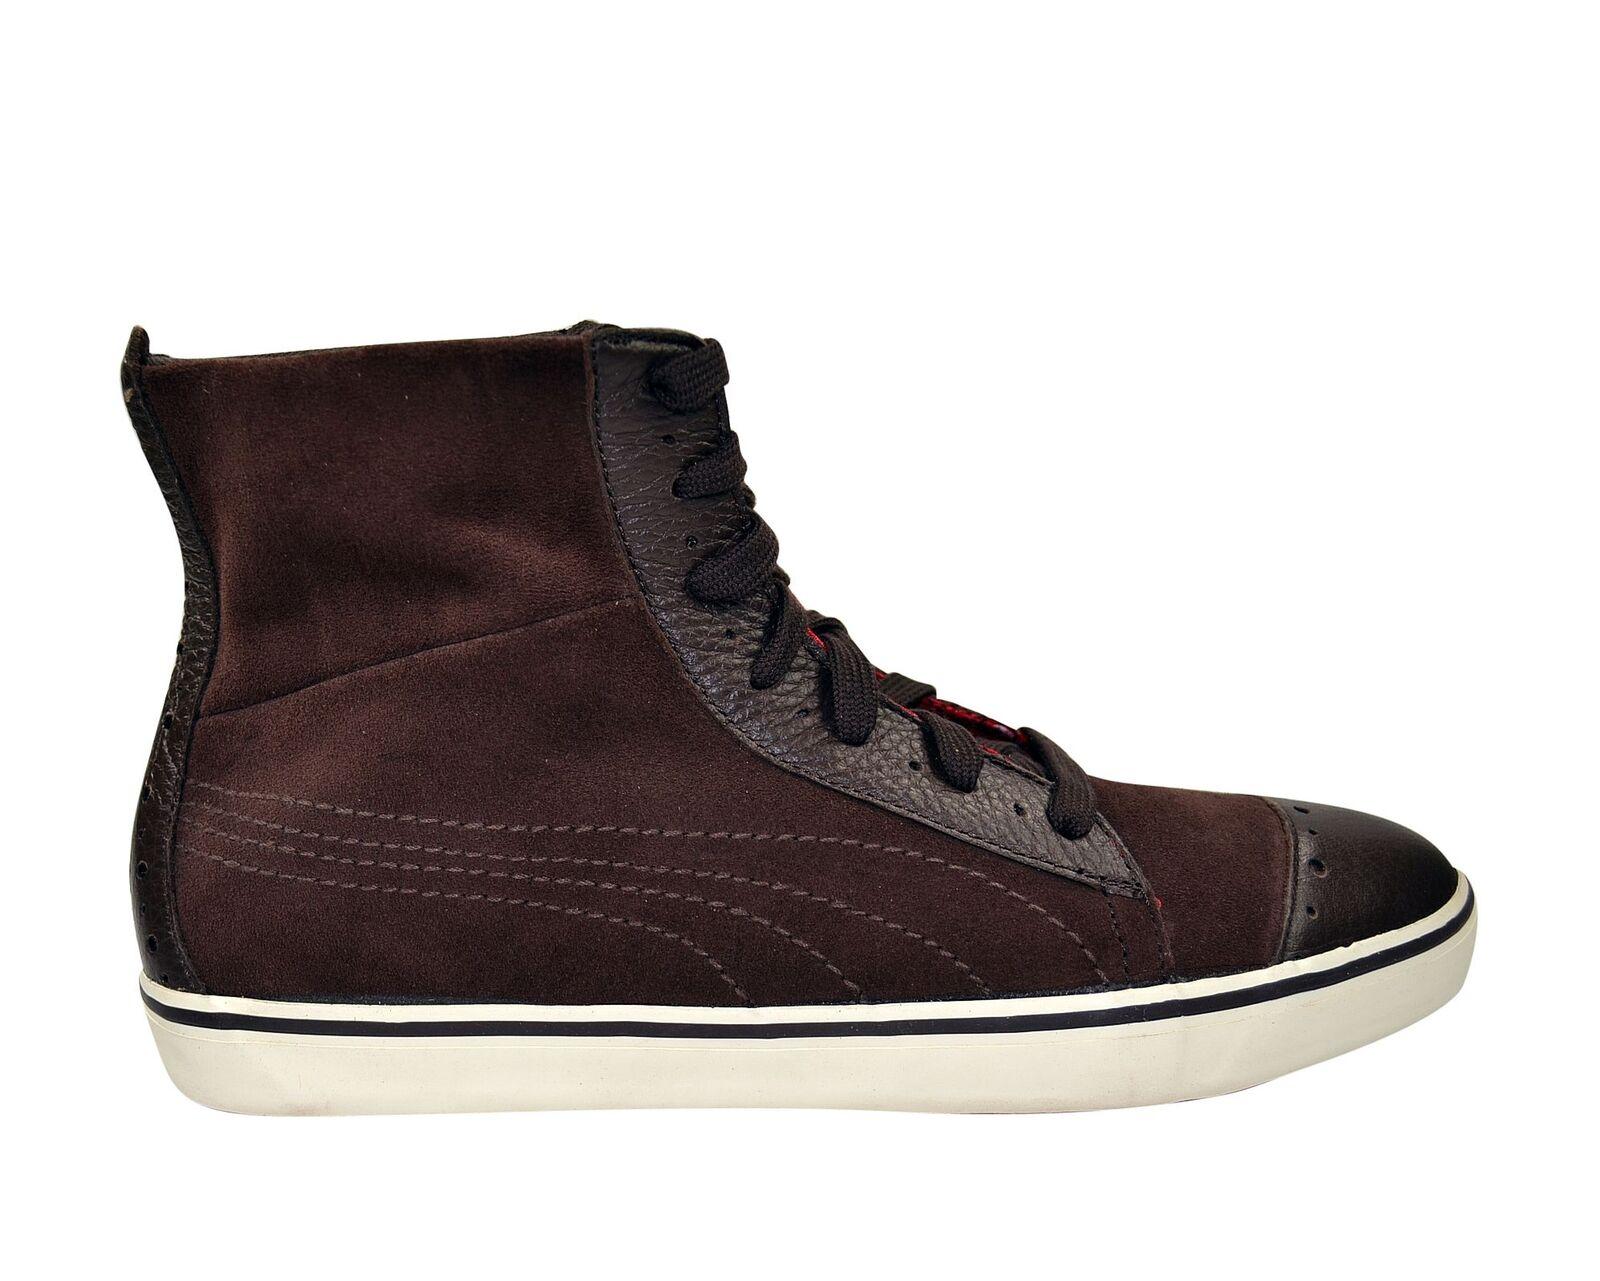 Puma llevarme mid l wn 's chocolate Brown zapatos/cortos marrón